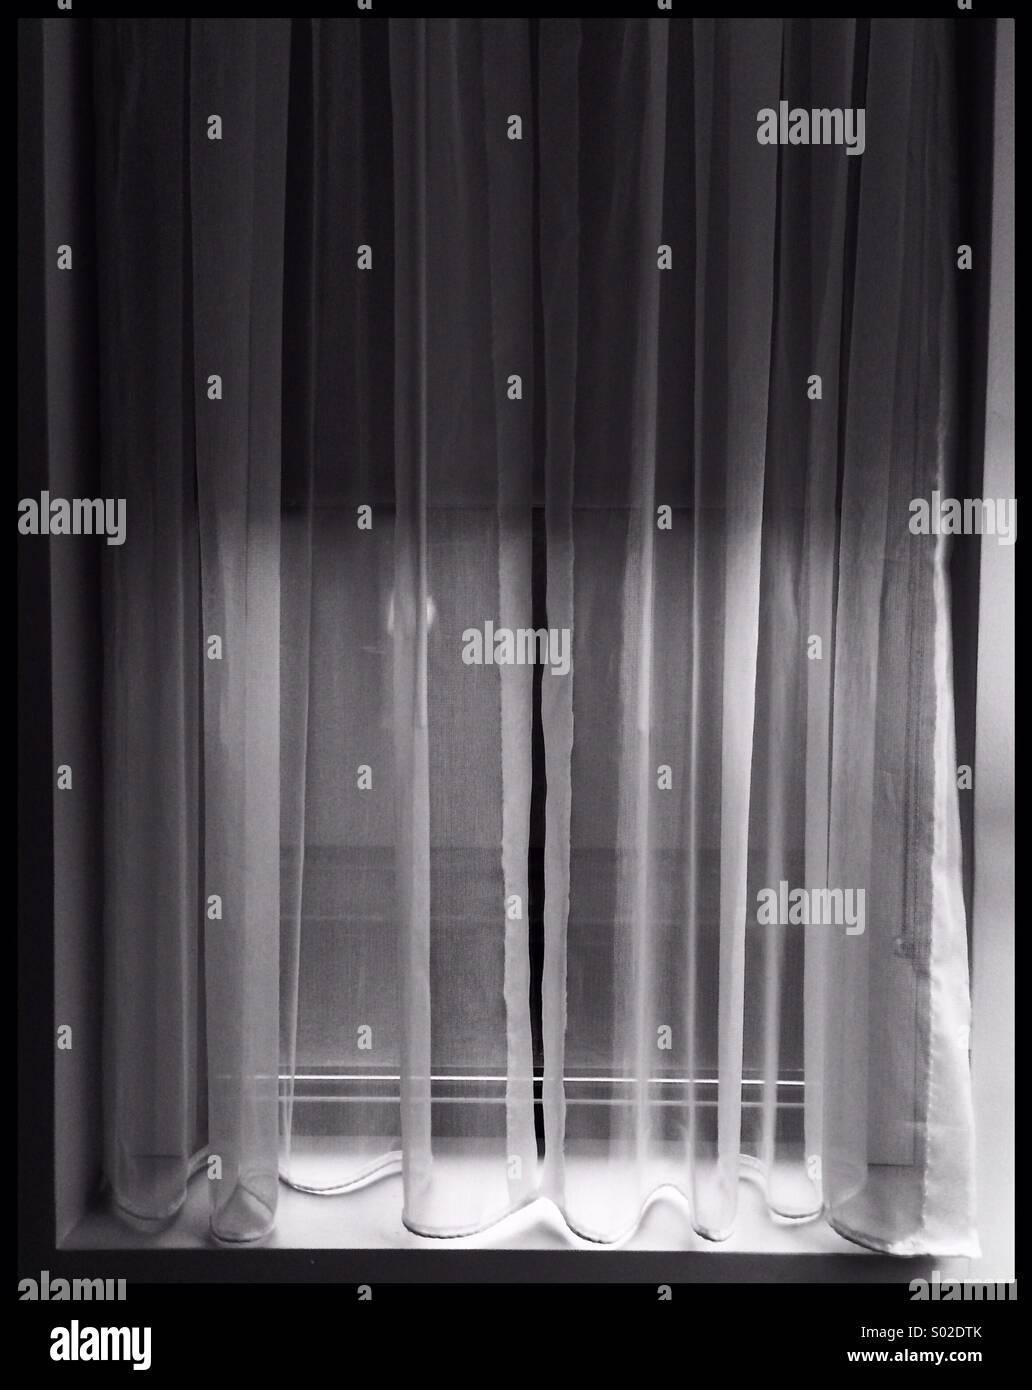 Iphone im genes de stock iphone fotos de stock alamy - Cortinas en blanco y negro ...